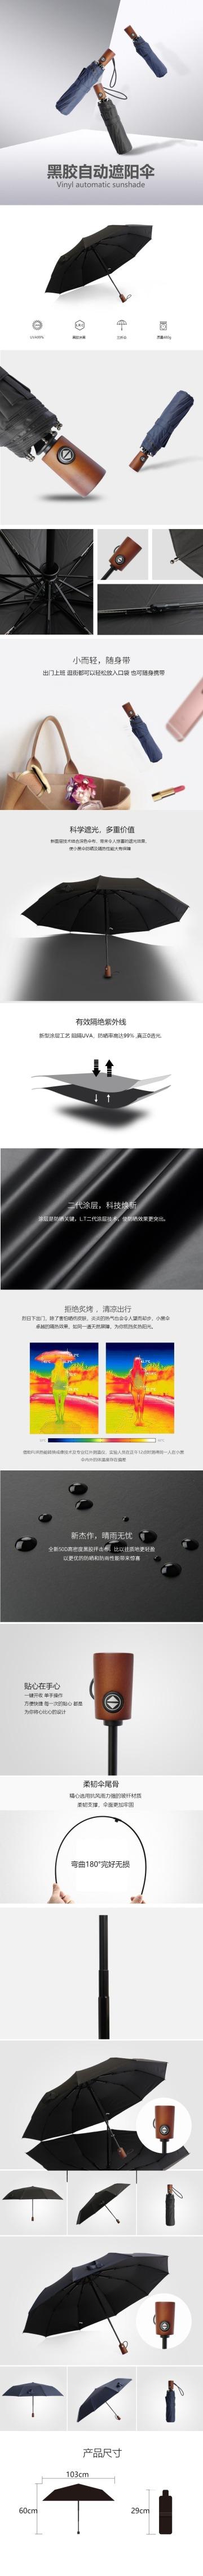 扁平简约百货零售家居生活自动雨伞促销电商详情页